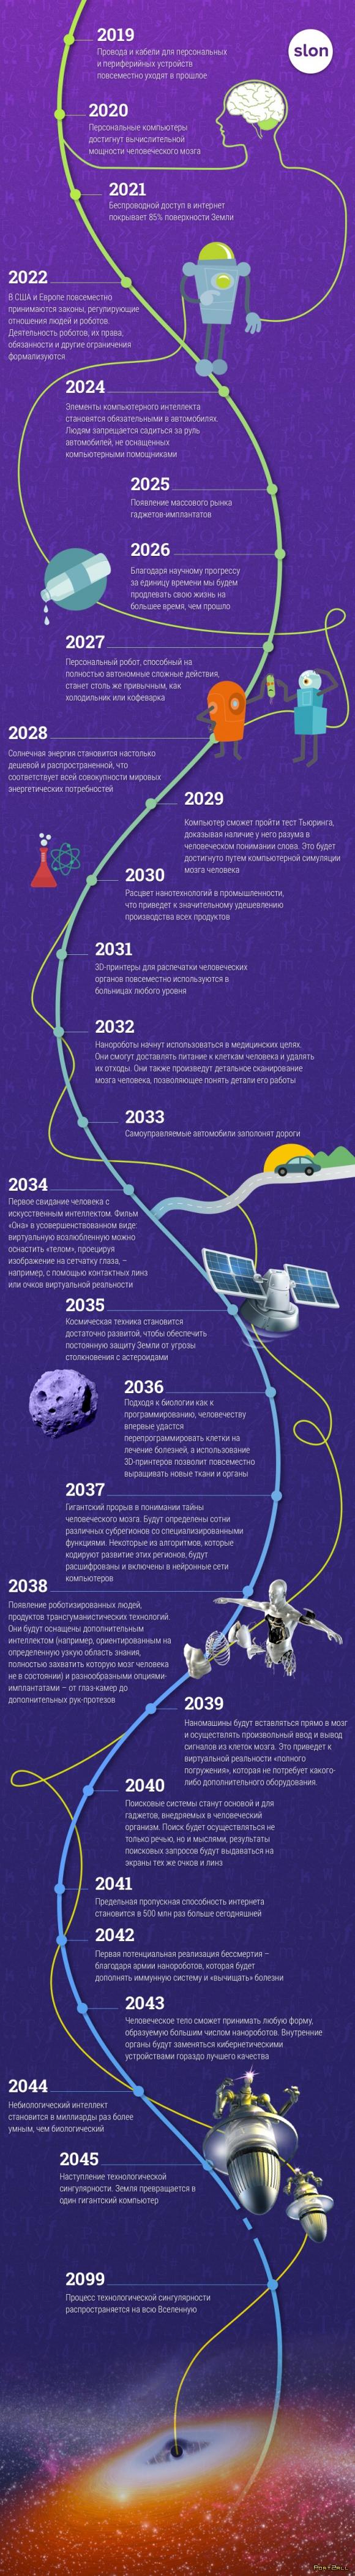 Прогнозы технического директора Google Рэя Курцвейла на 2019–2099